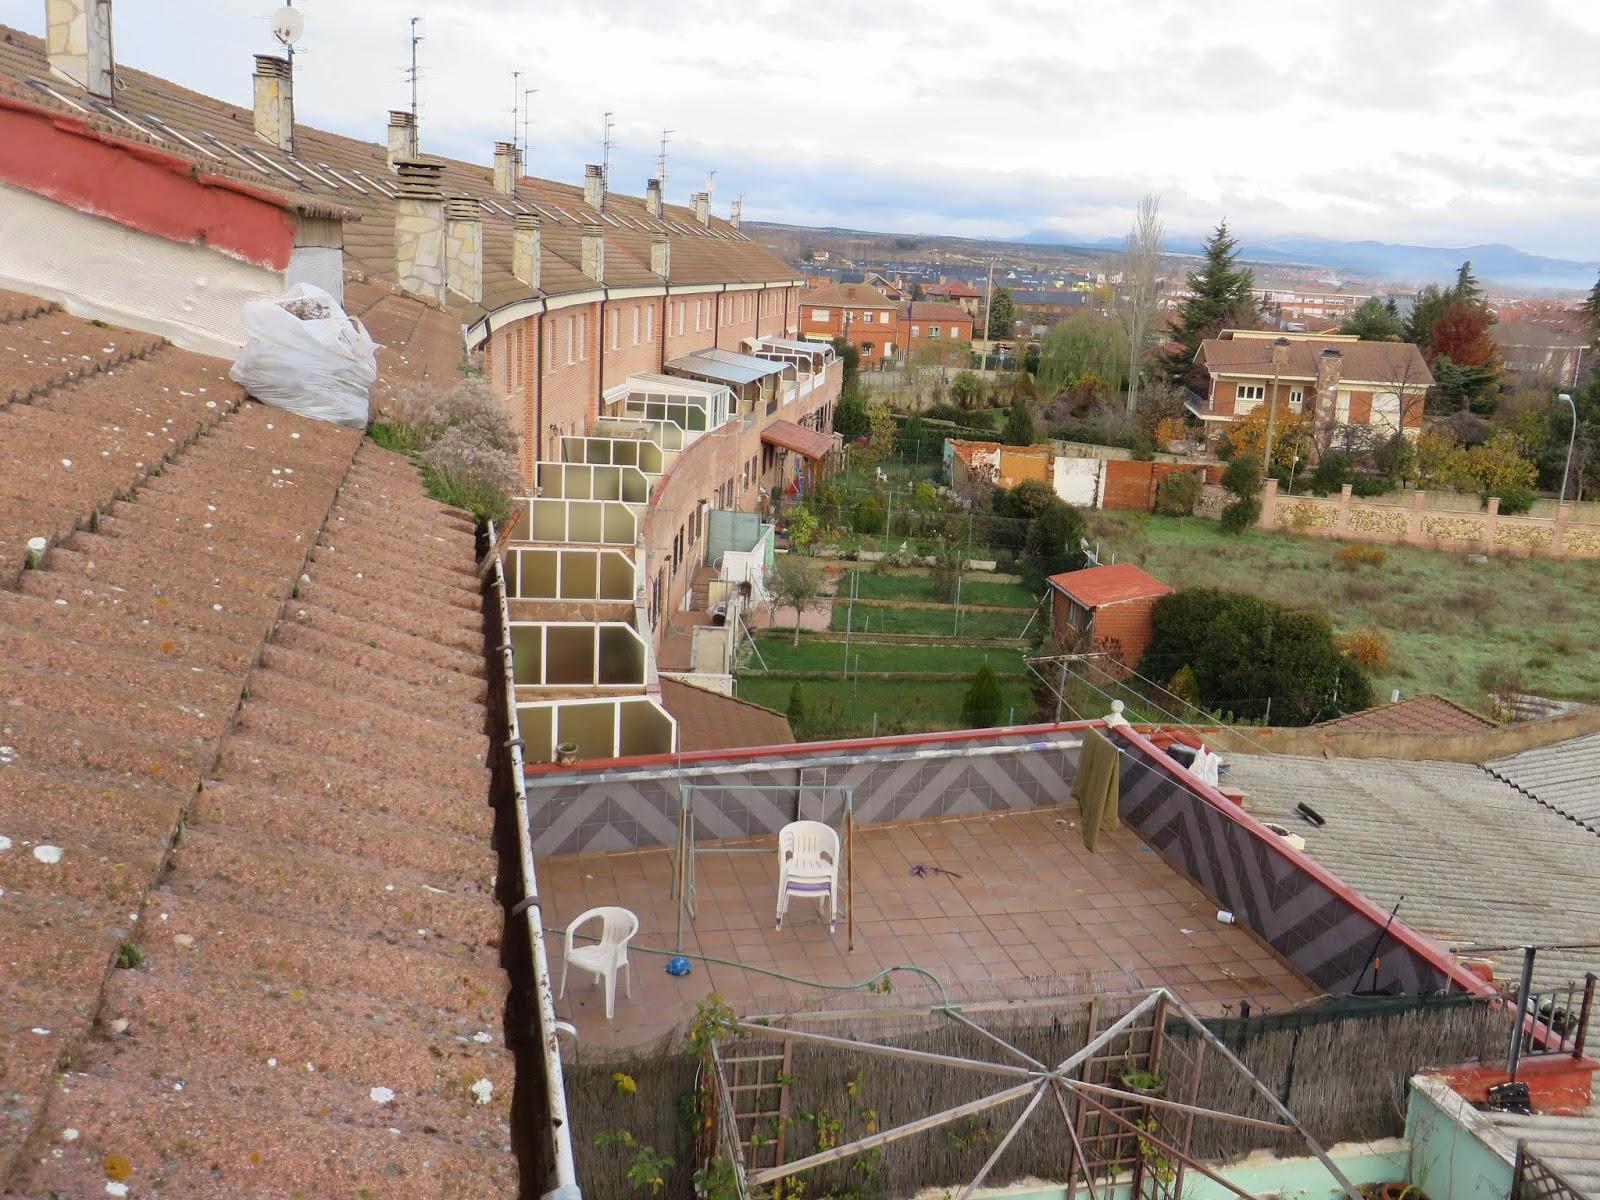 ¿Necesitas Limpiar los canalones? en León. Si Necesitas Limpiar los canalones, nos dedicamos a la limpieza de canalones en León, presupuestos tlf 618848709 y 987846623.